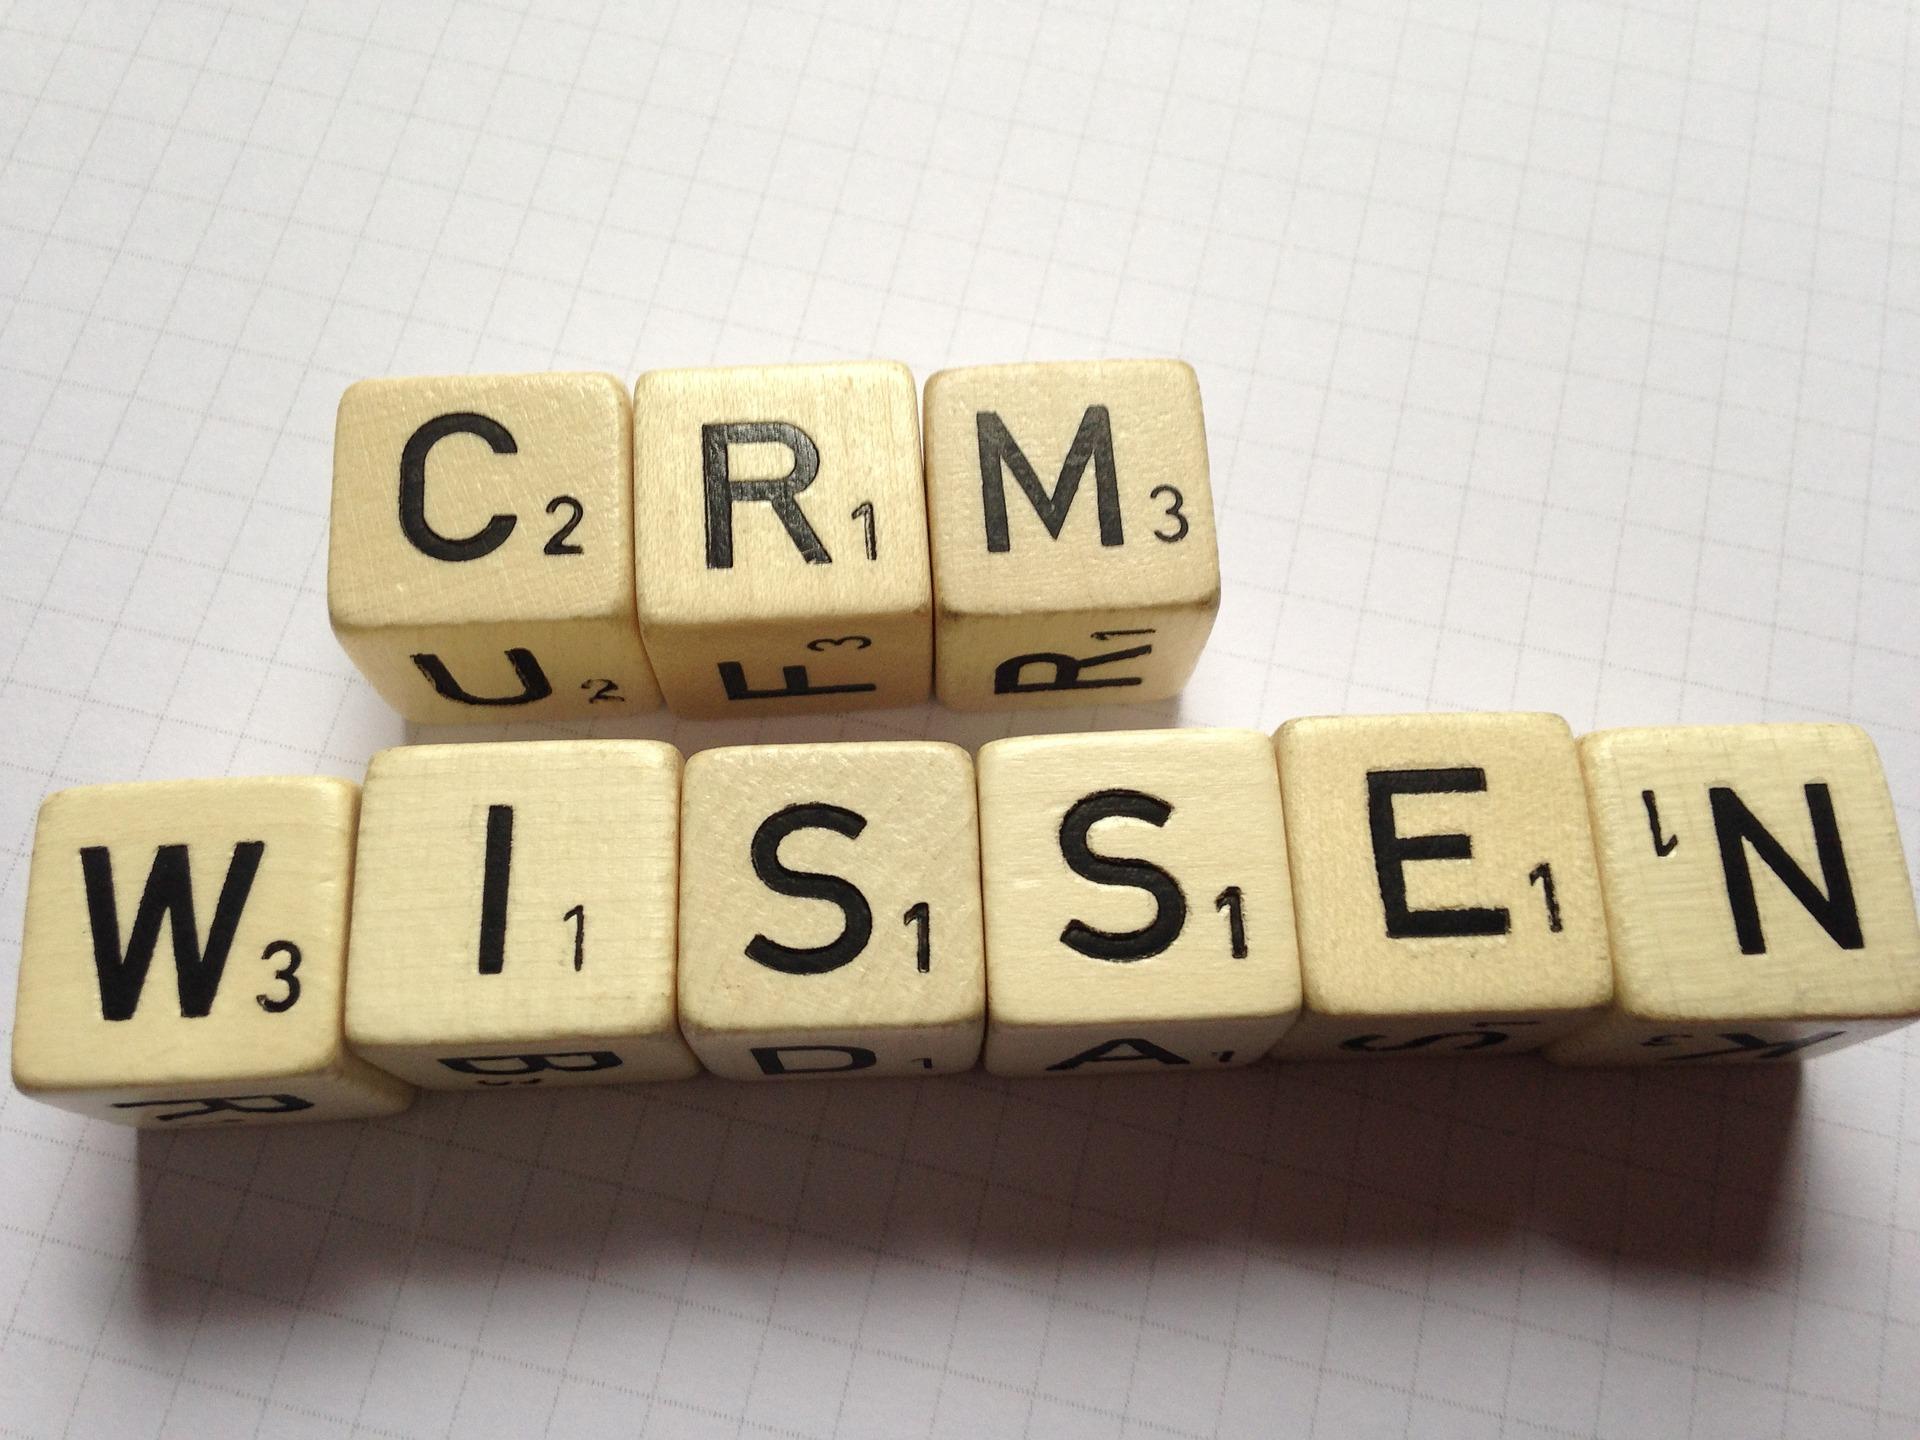 第39話|CRMのデータ分析をダメにする〇〇管理という合言葉、すぐできる解決策とは?